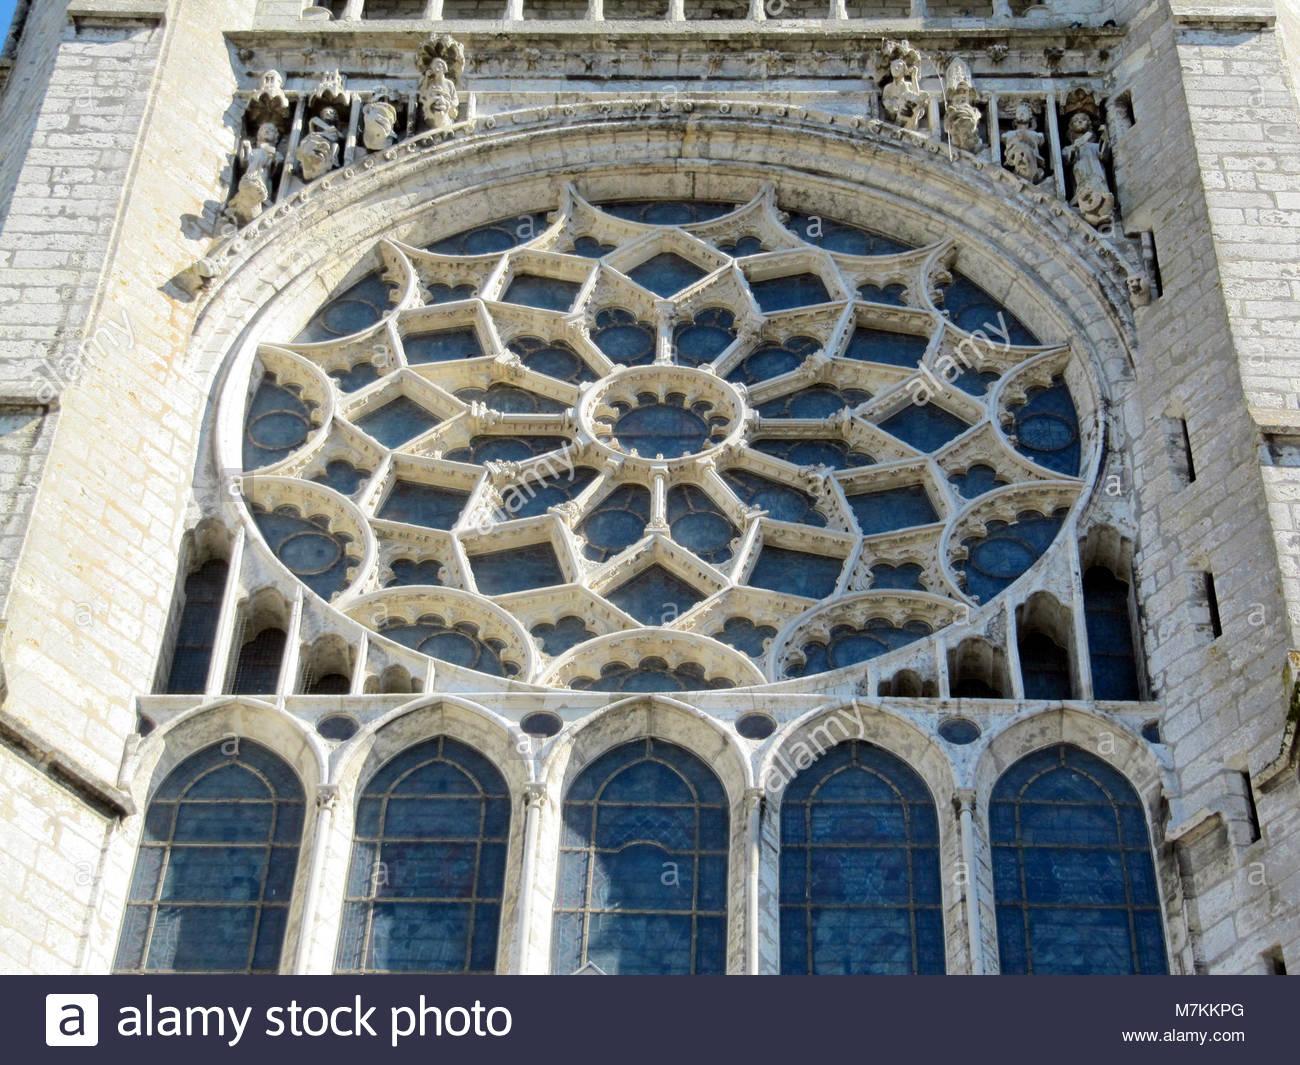 Cathédrale De Chartres - Rosace Stock Photo: 176838888 - Alamy encequiconcerne Image De Rosace